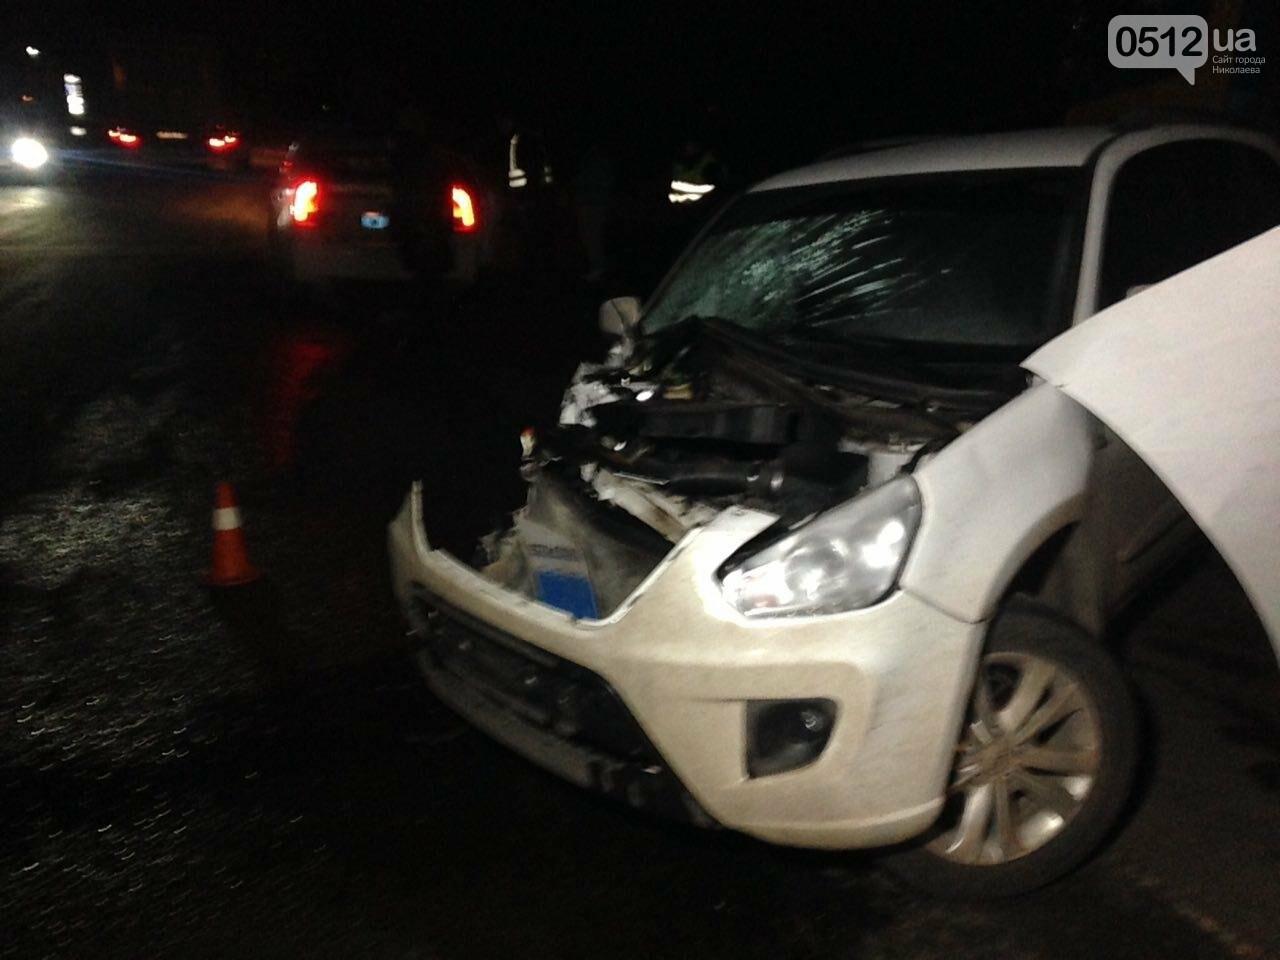 """На въезде в Николаев """"легковушка"""" лоб в лоб столкнулась с грузовиком - есть пострадавшие, - ФОТО, ВИДЕО, фото-6"""